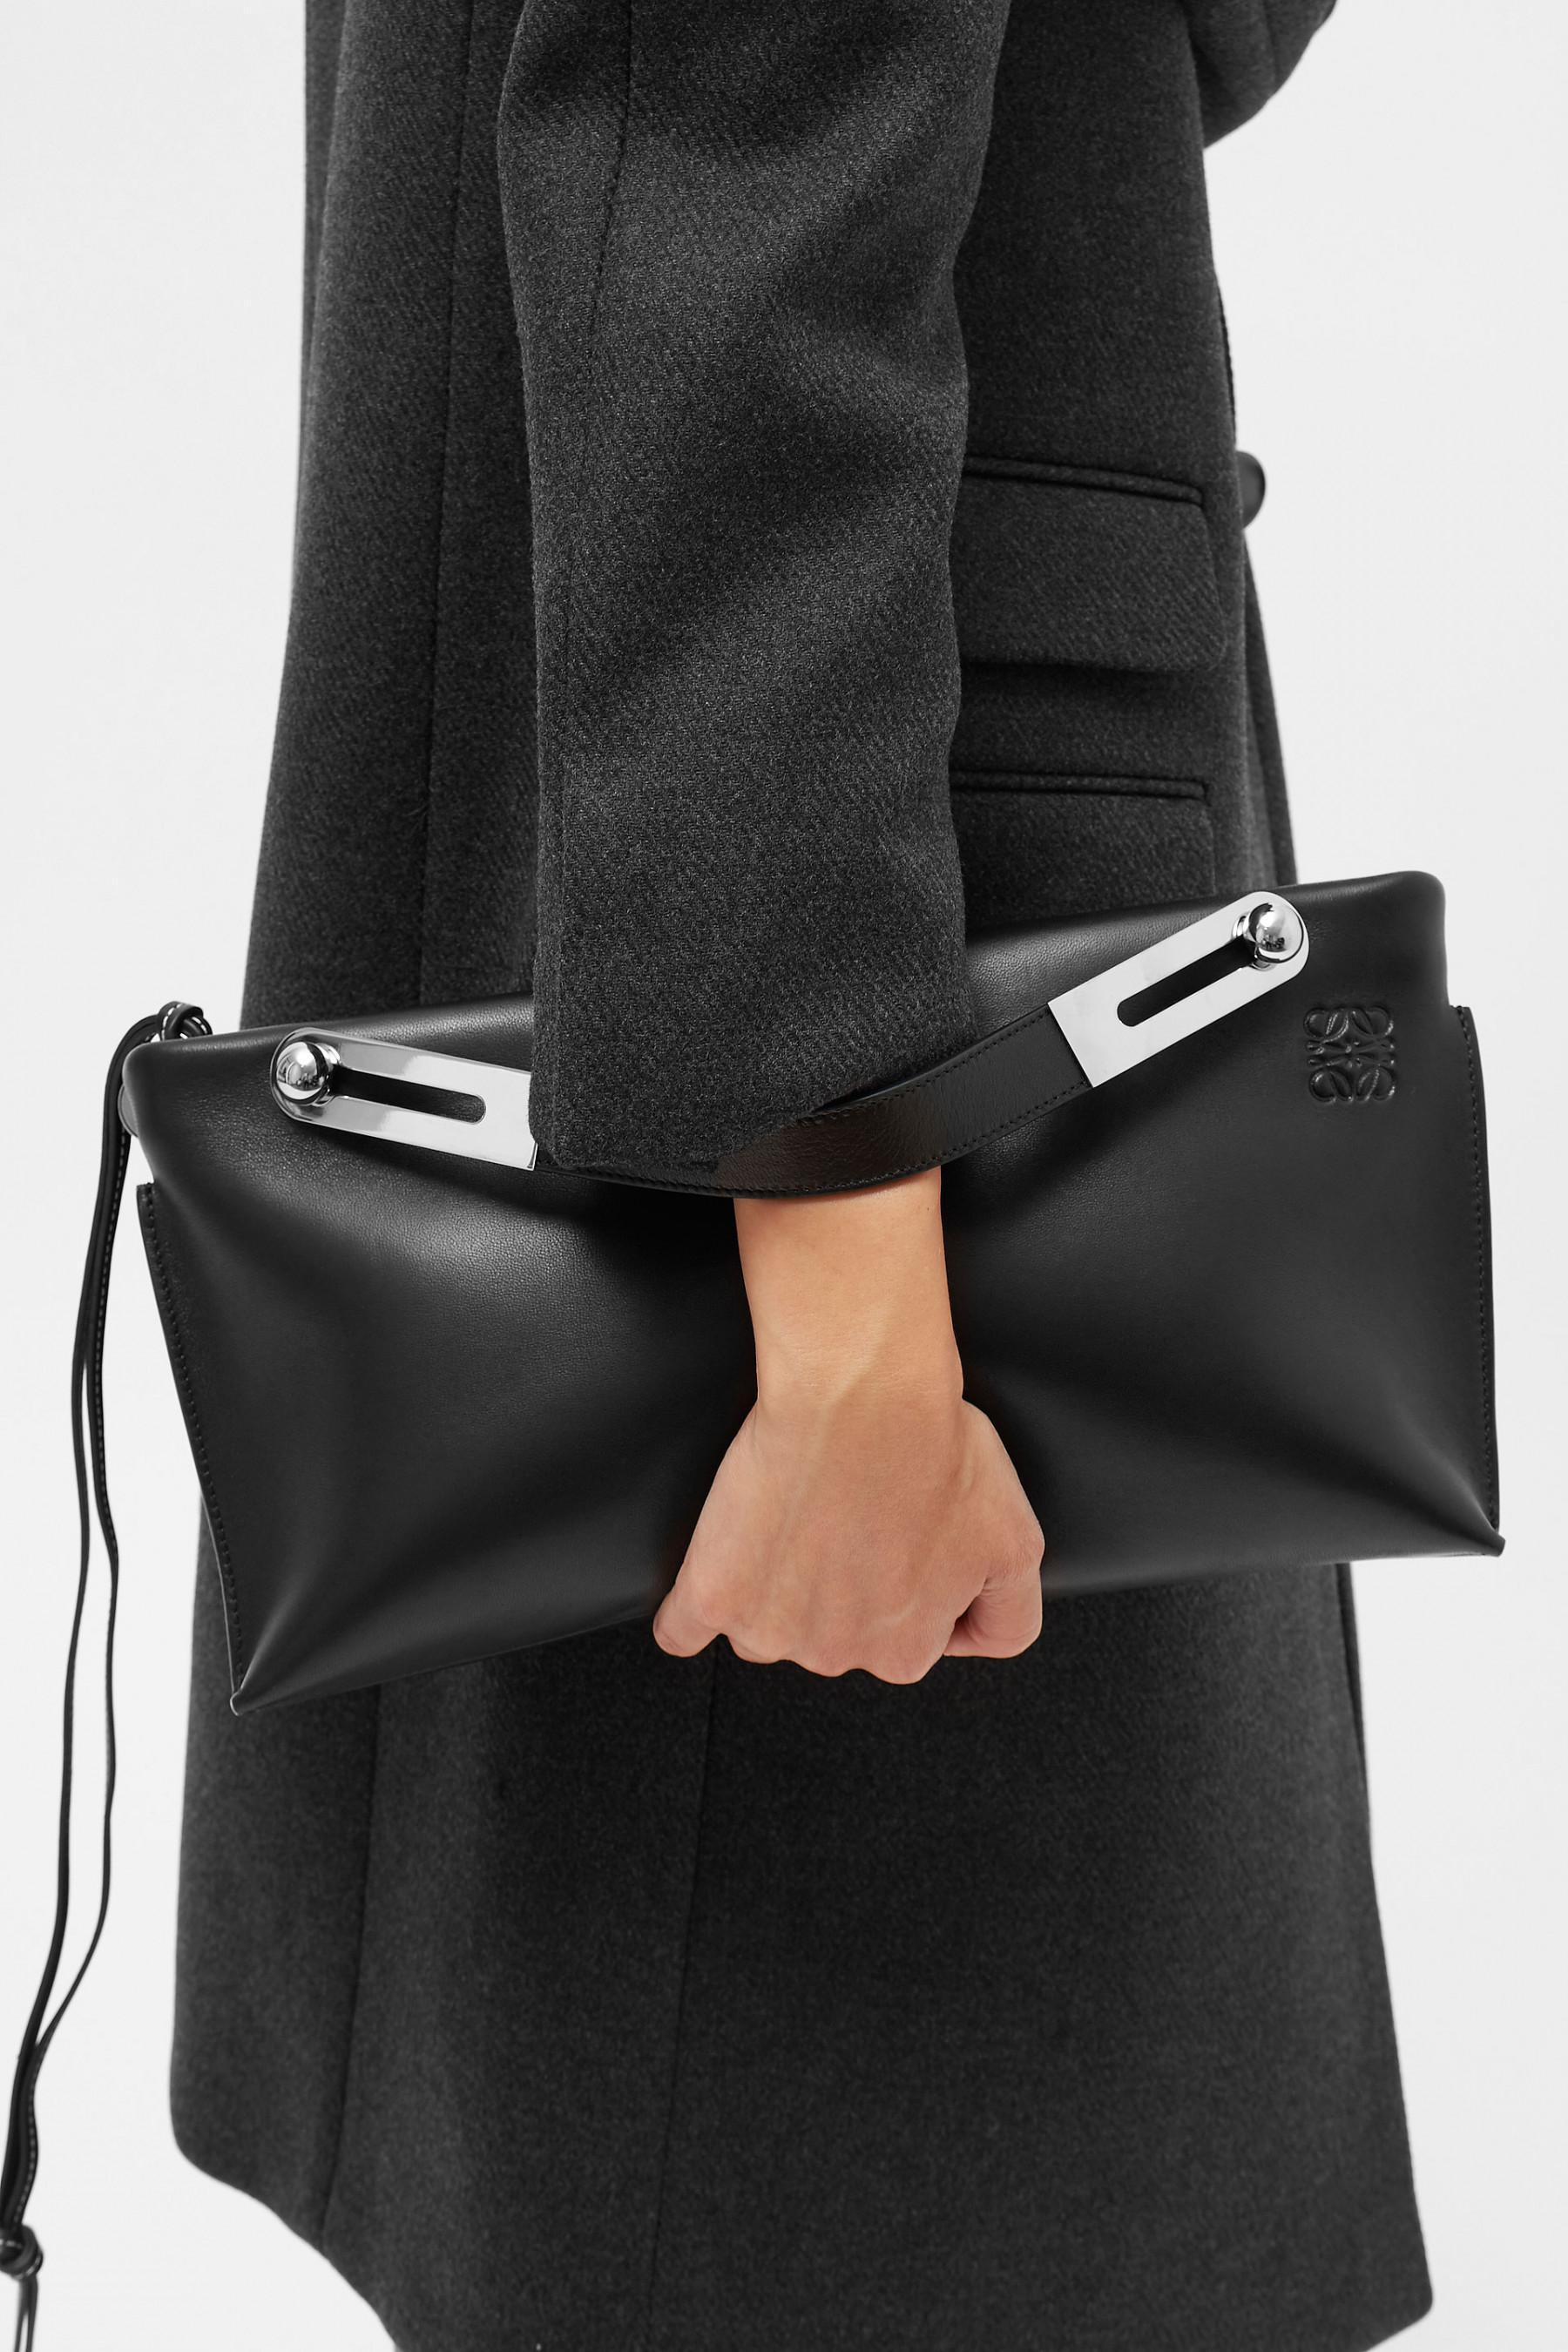 Loewe Missy Leather Bag NG1k30Lr